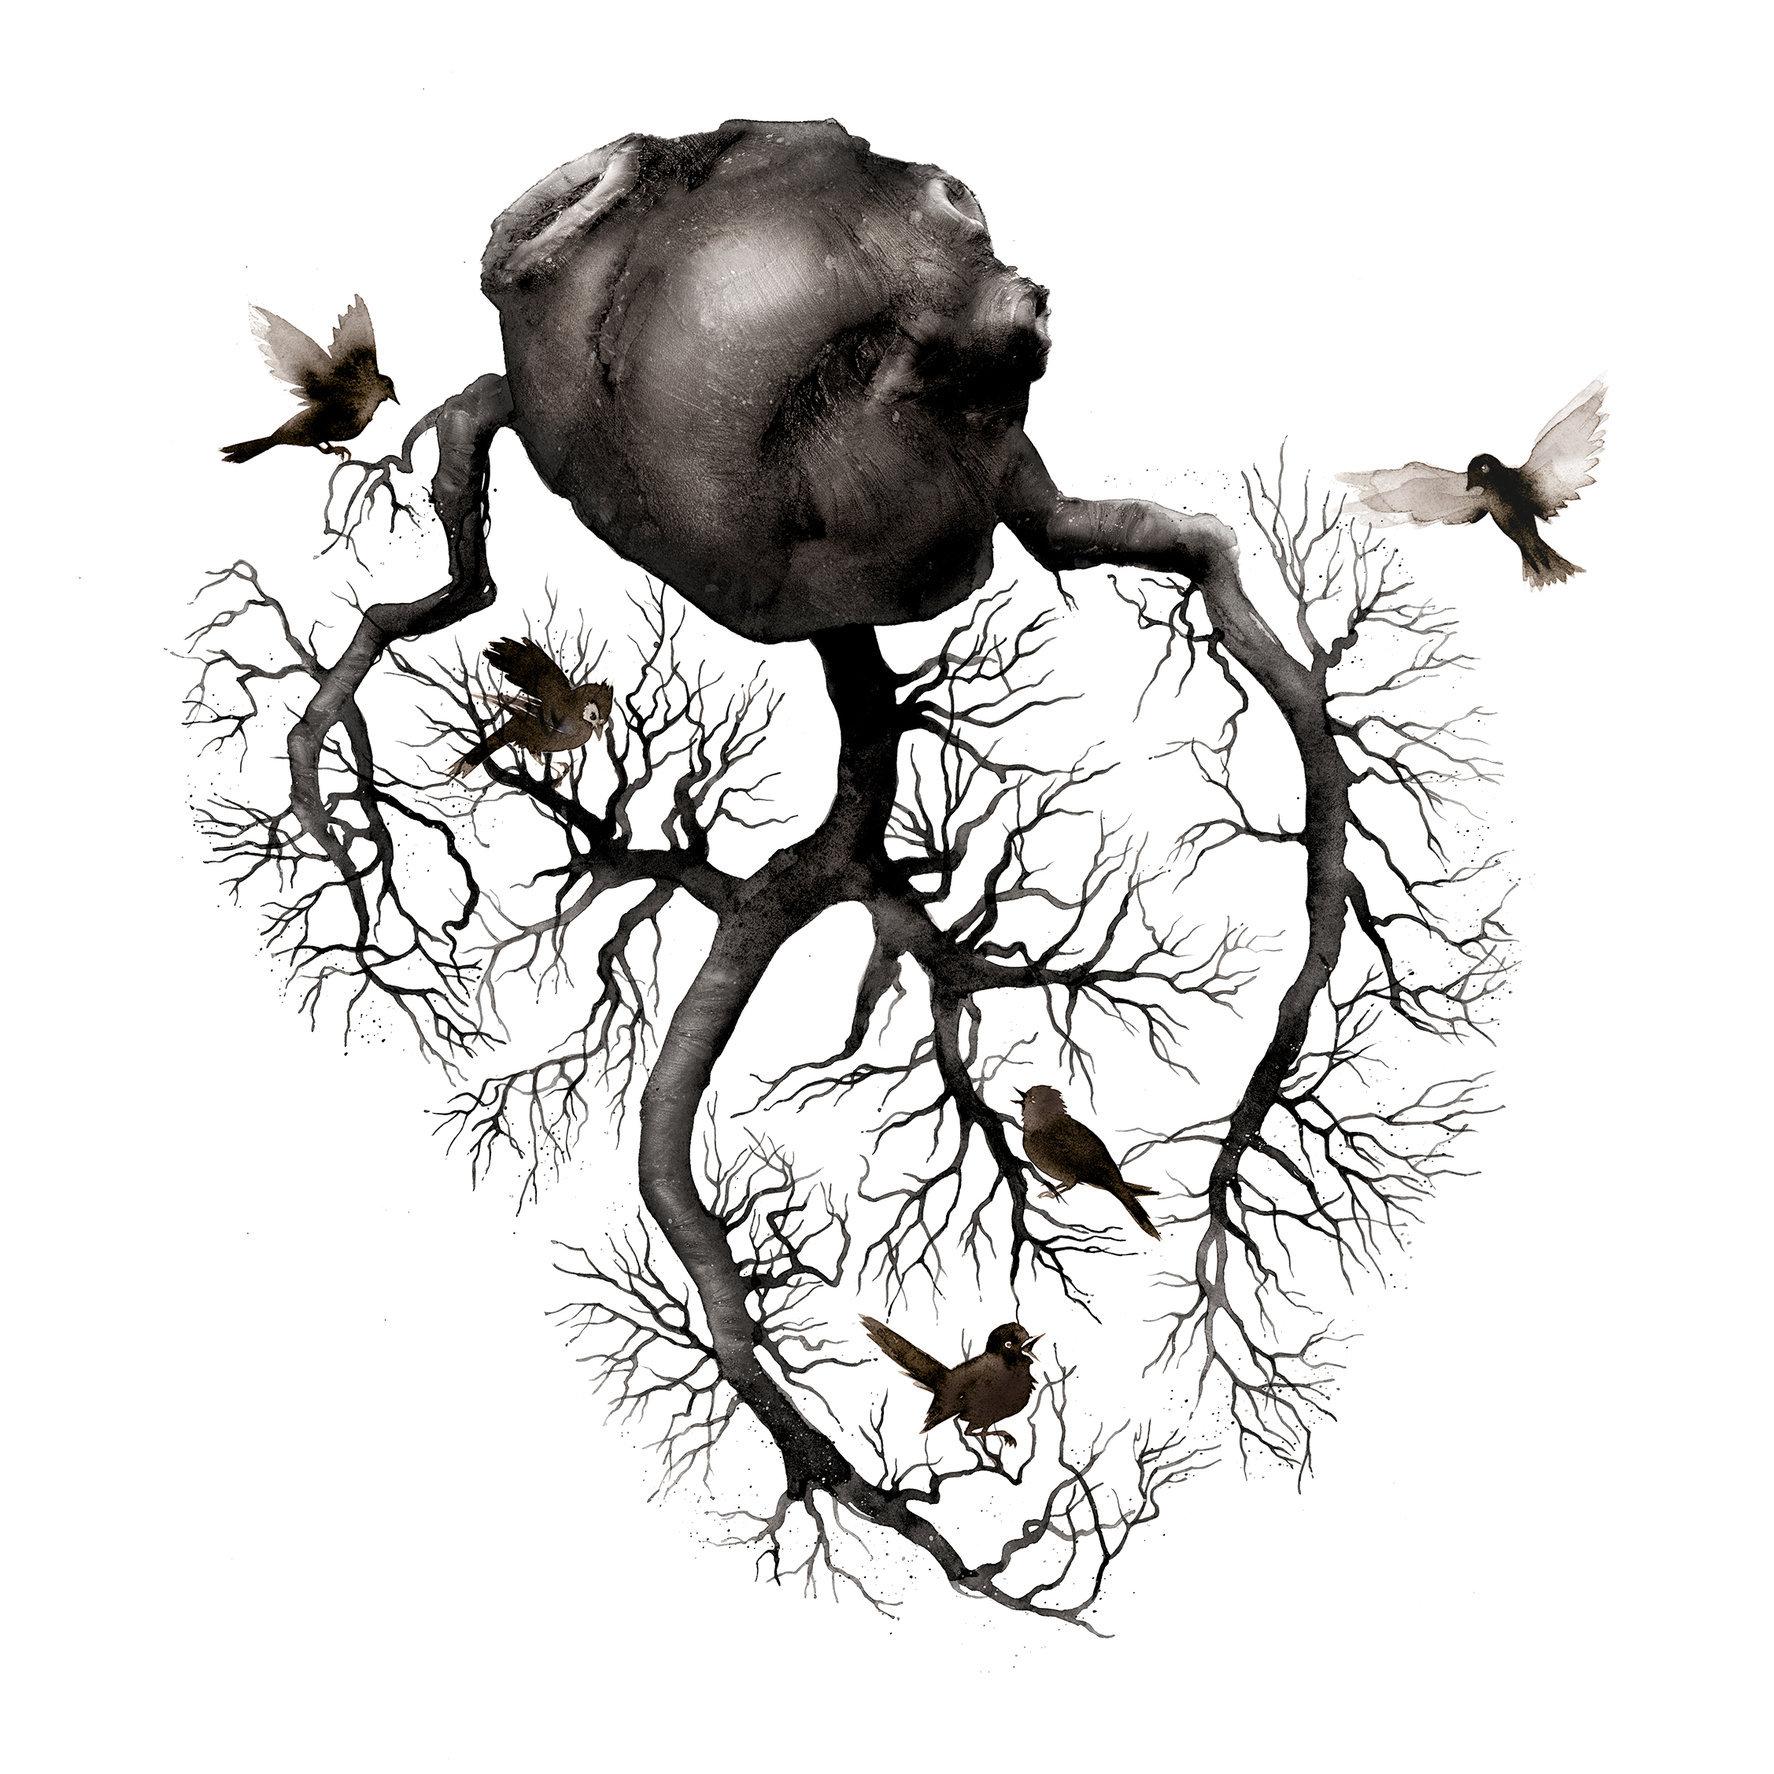 Narda_Publicis.heart.jpg